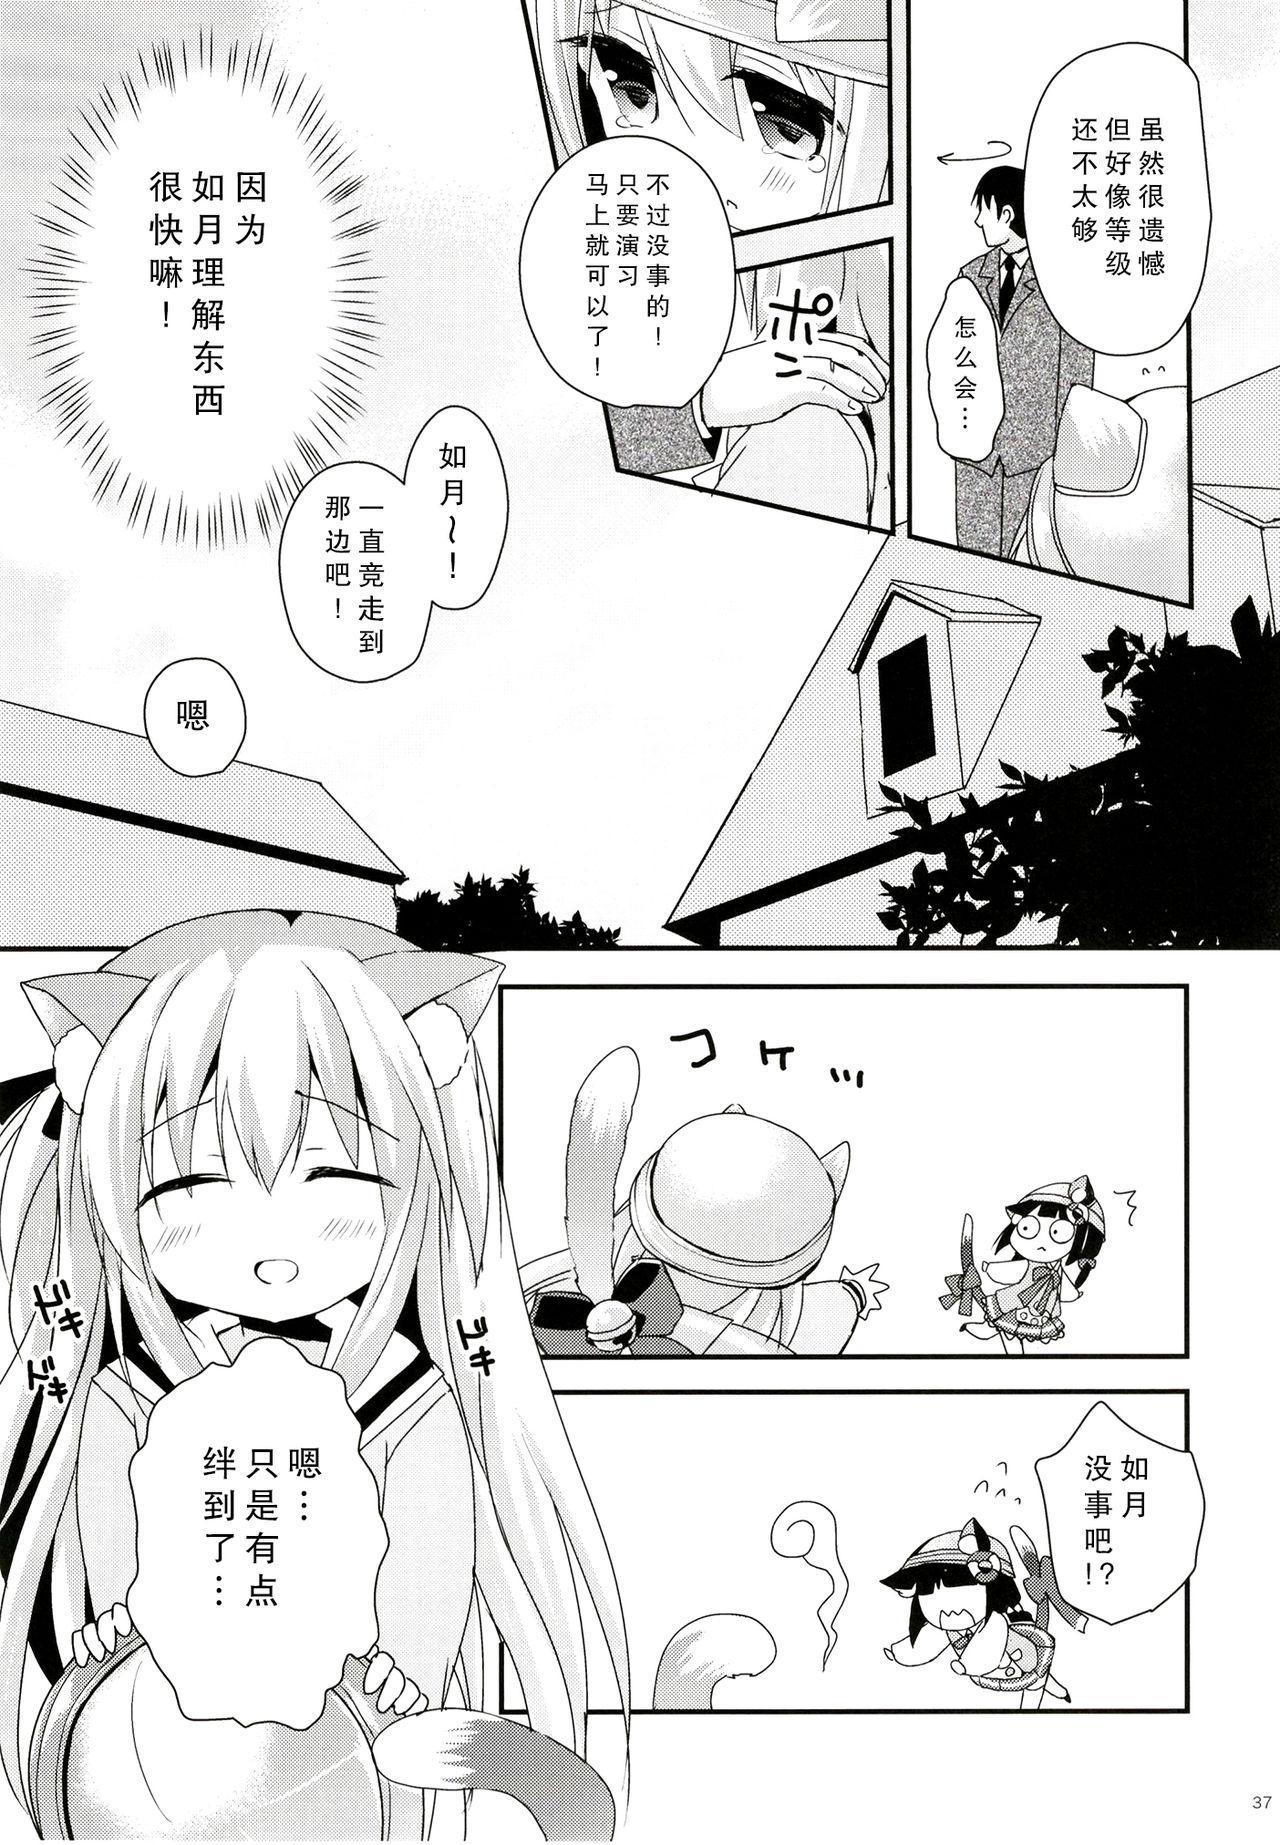 Himitsu no Echi Echi Daikaishuu 39